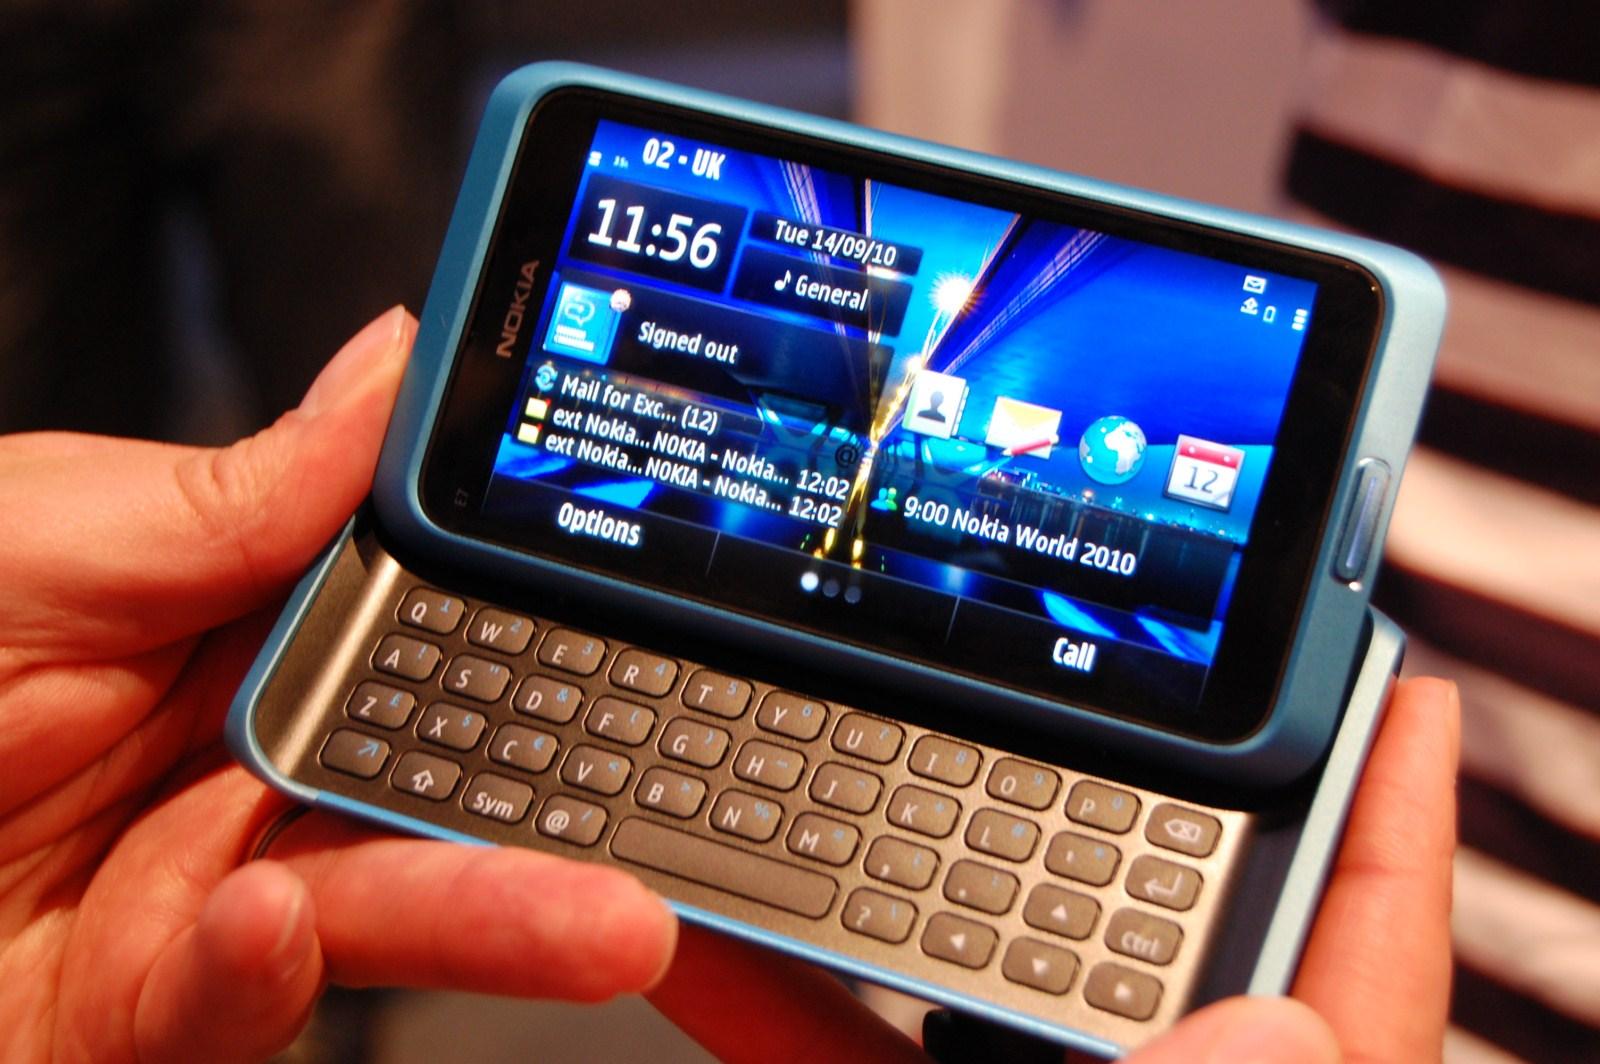 http://1.bp.blogspot.com/-VCKC9Alssp4/TdbC4LXW-TI/AAAAAAAAAAw/CZk6Z3exso0/s1600/Nokia-E7%20(1).jpg